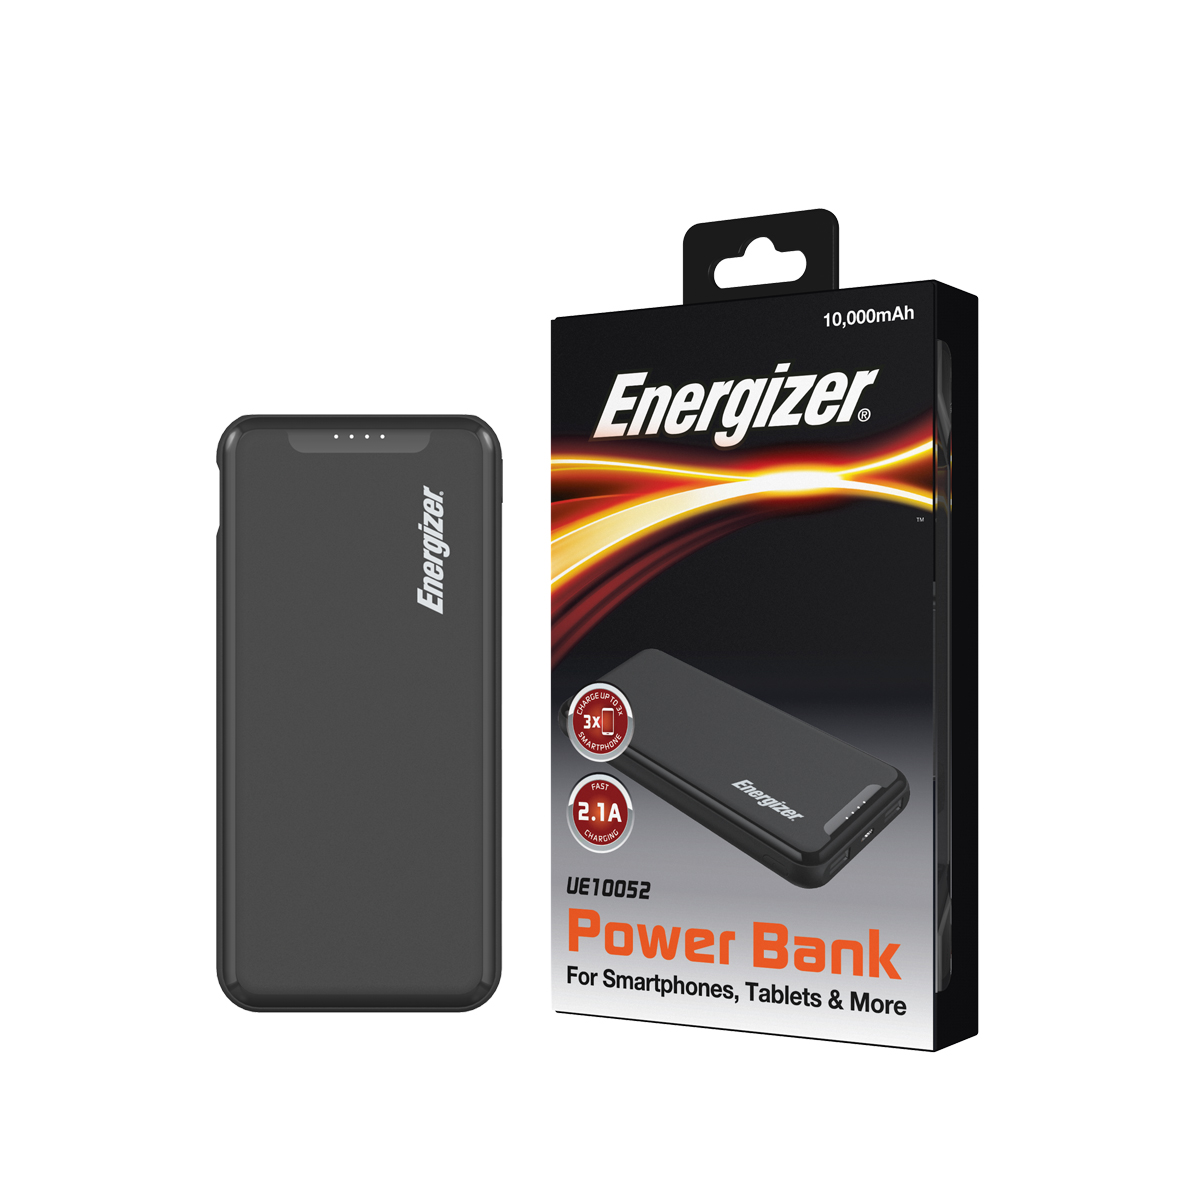 Sạc dự phòng Energizer 10,000mAh /3.7V Li-Polymer - UE10052BK - Hàng Chính Hãng